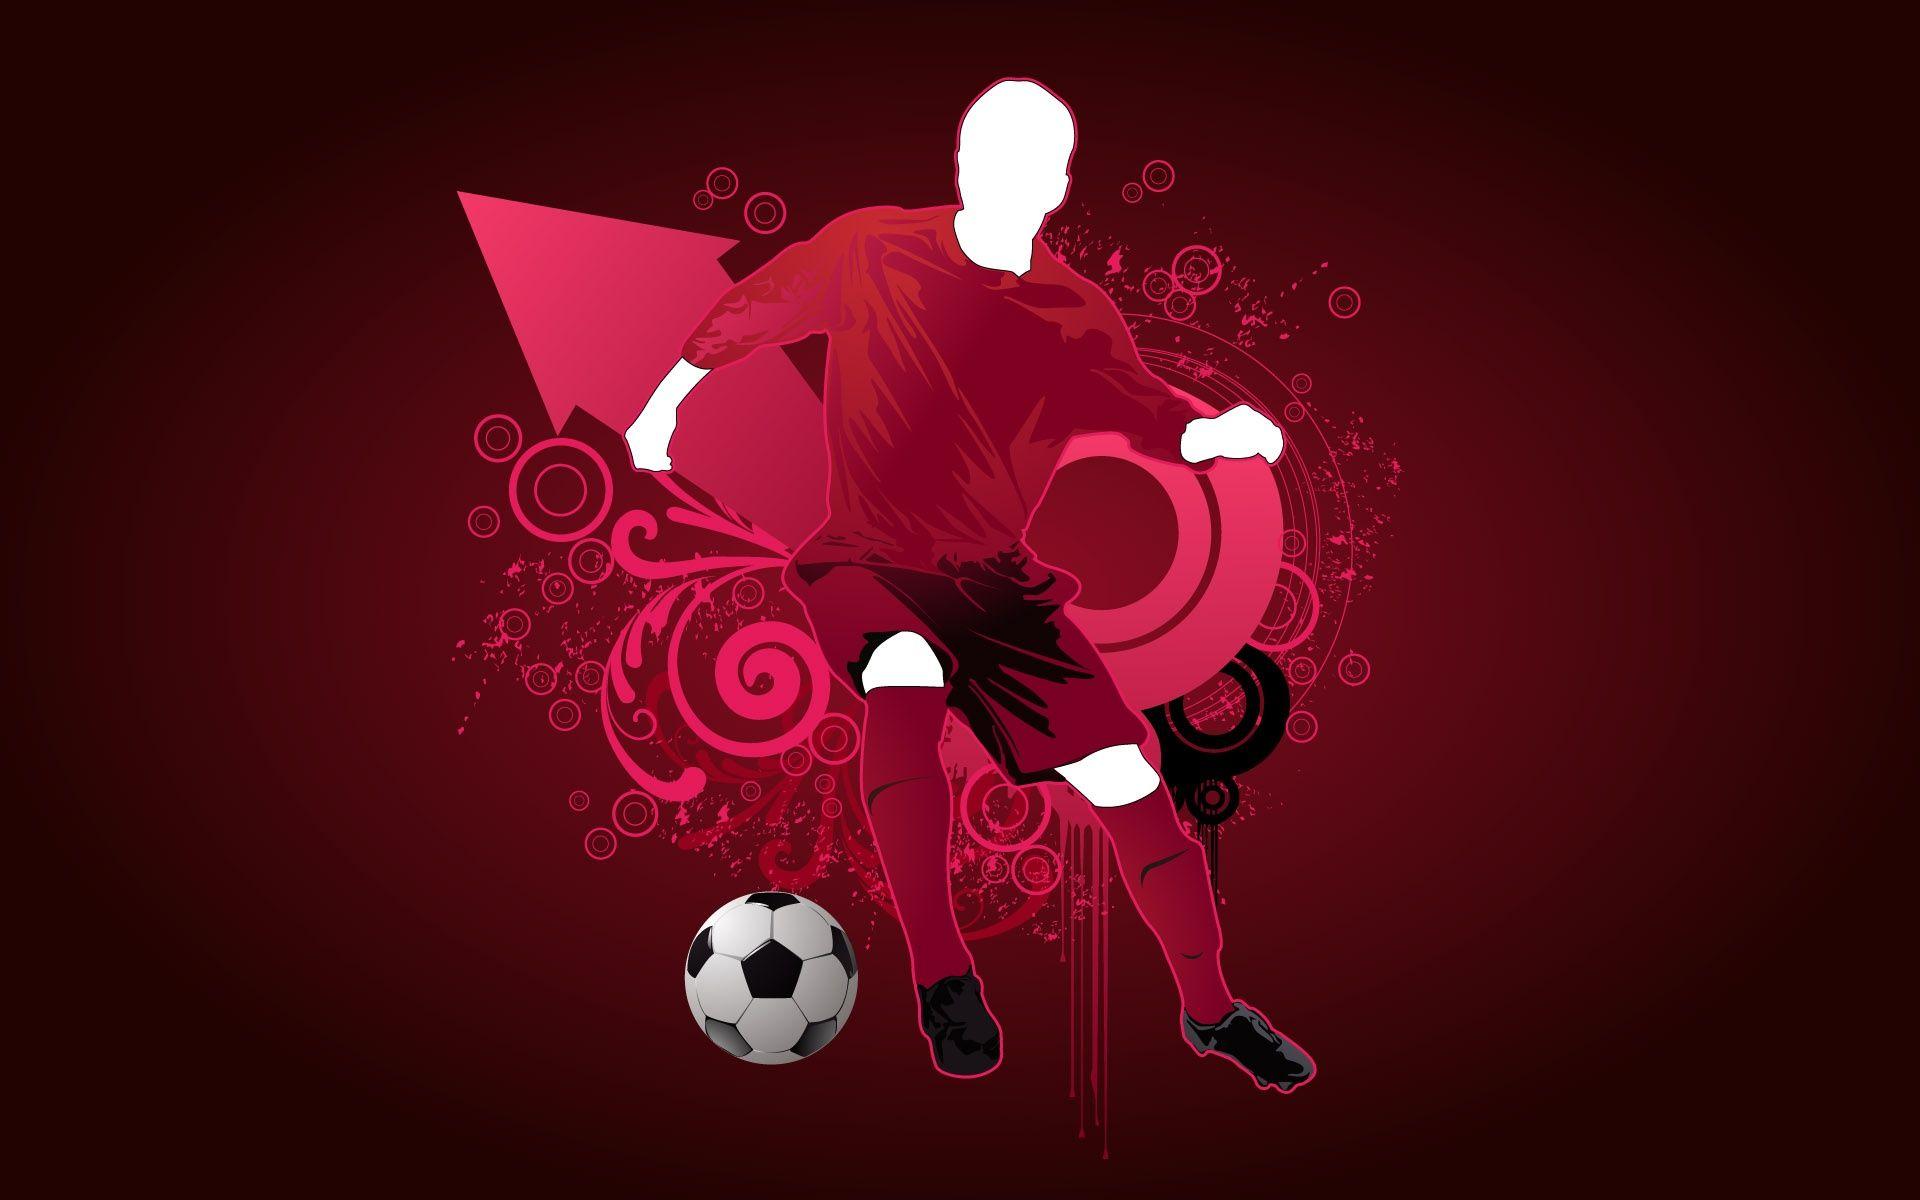 Soccer Ball Hd Wallpaper Artistic Wallpaper Vector Art Art